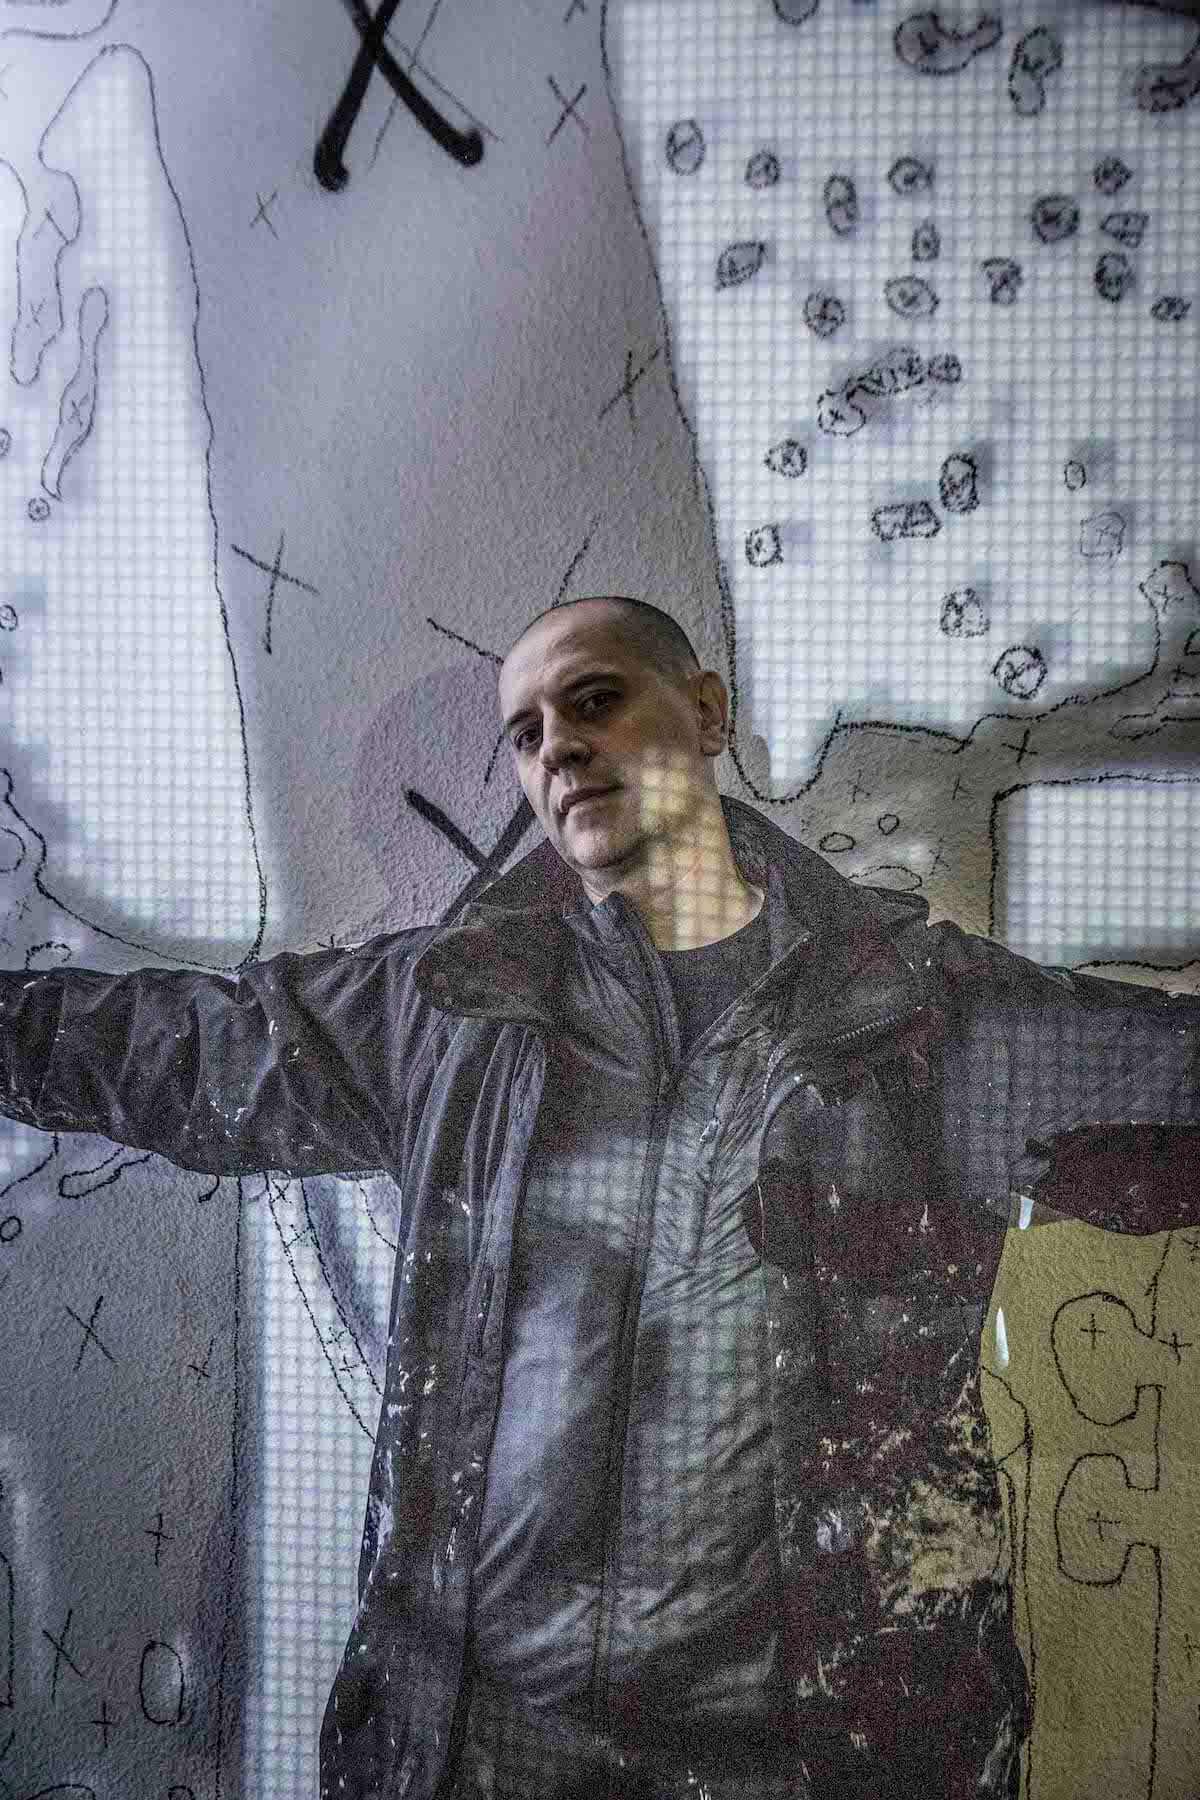 NOISEMAKER×WK Interactインタビュー 最新作『RARA』で実現したコラボとサウンドとアートワークで示すオリジナリティ noisemaker_05-1200x1800